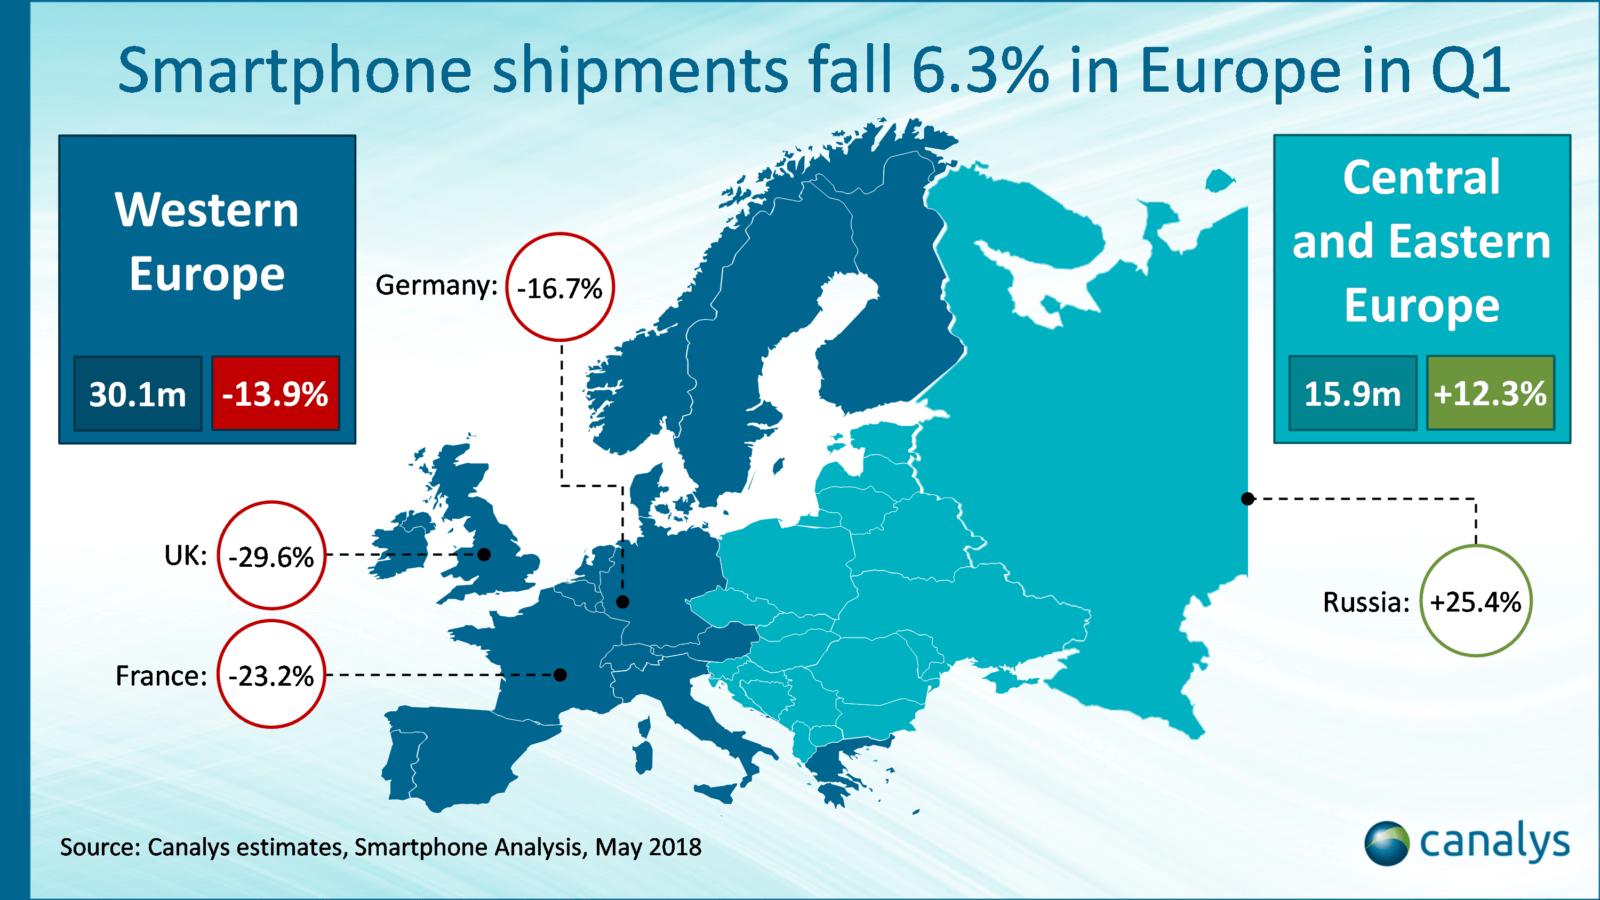 Europa in calo spedizioni smartphone